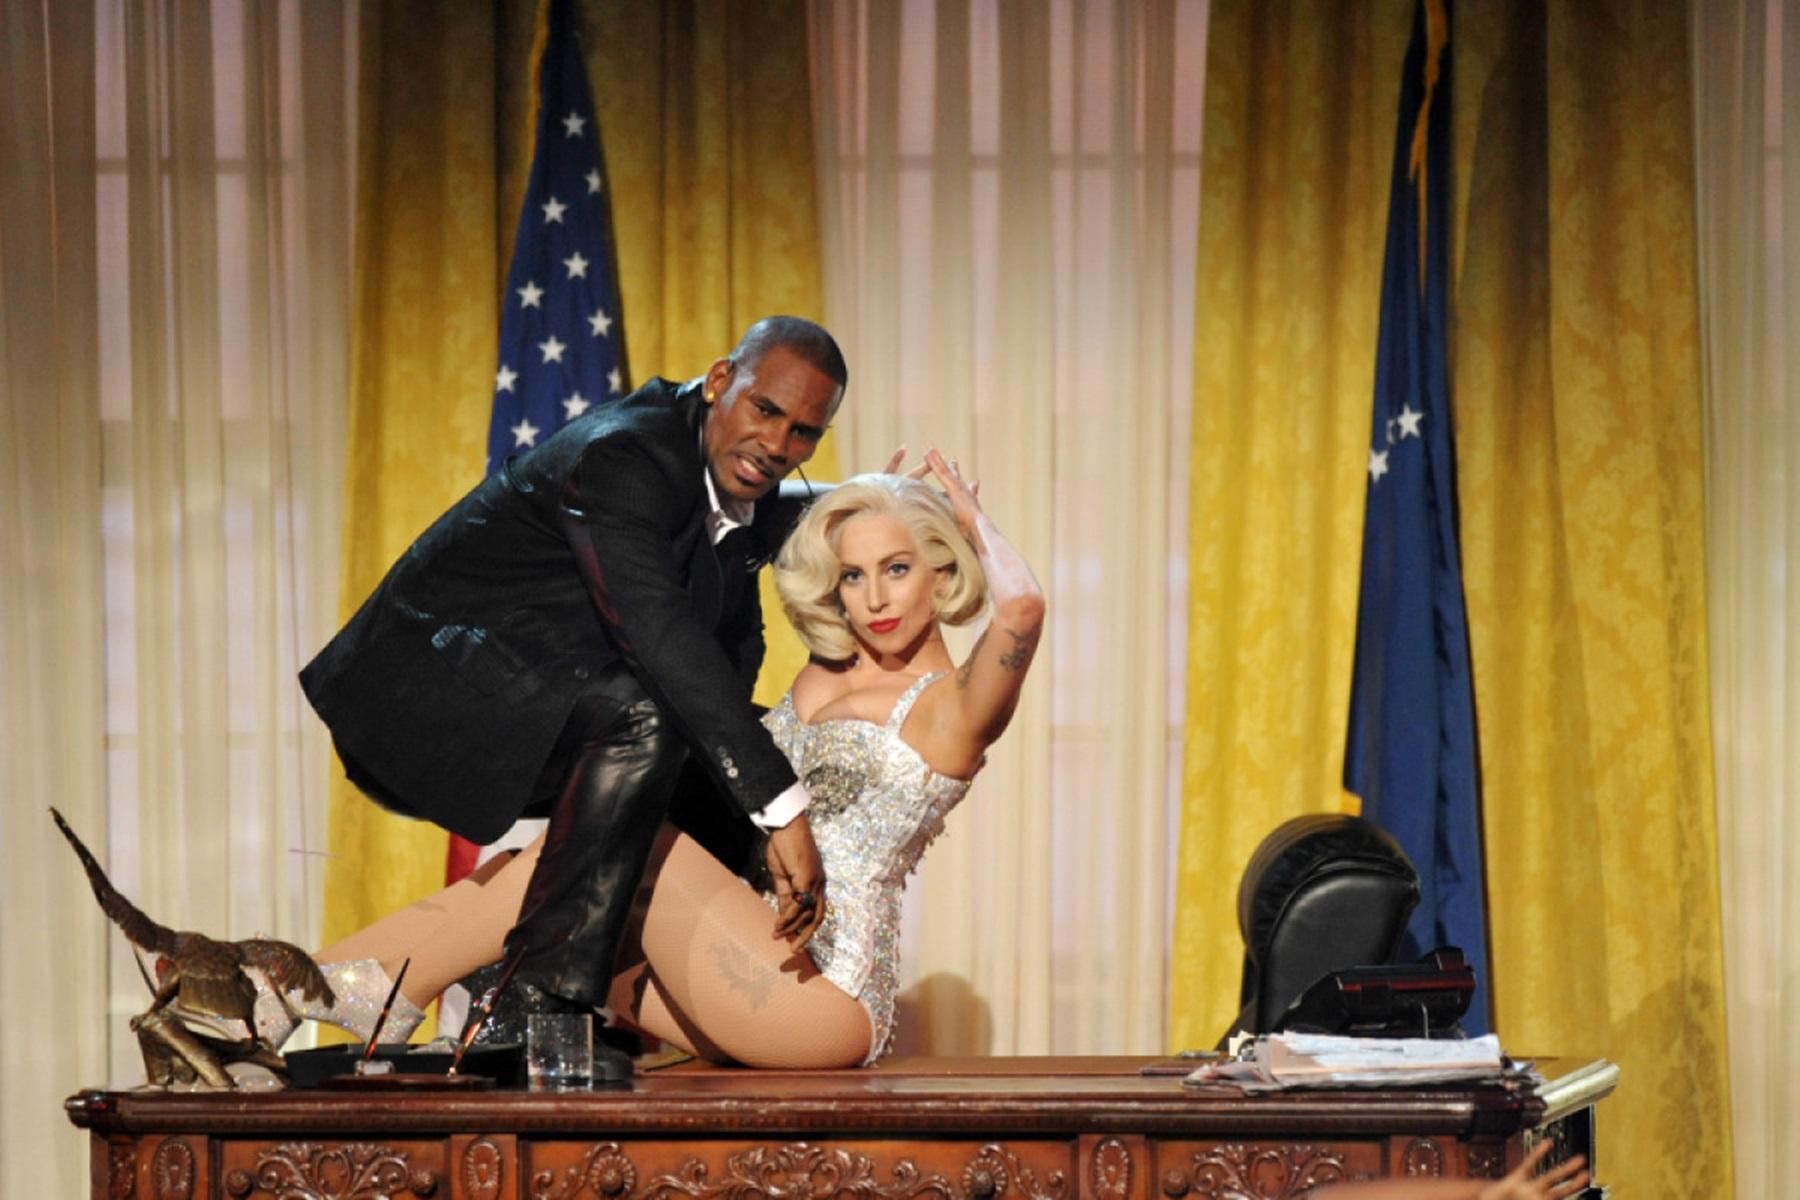 R. Kelly Lady Gaga Album Re-Release